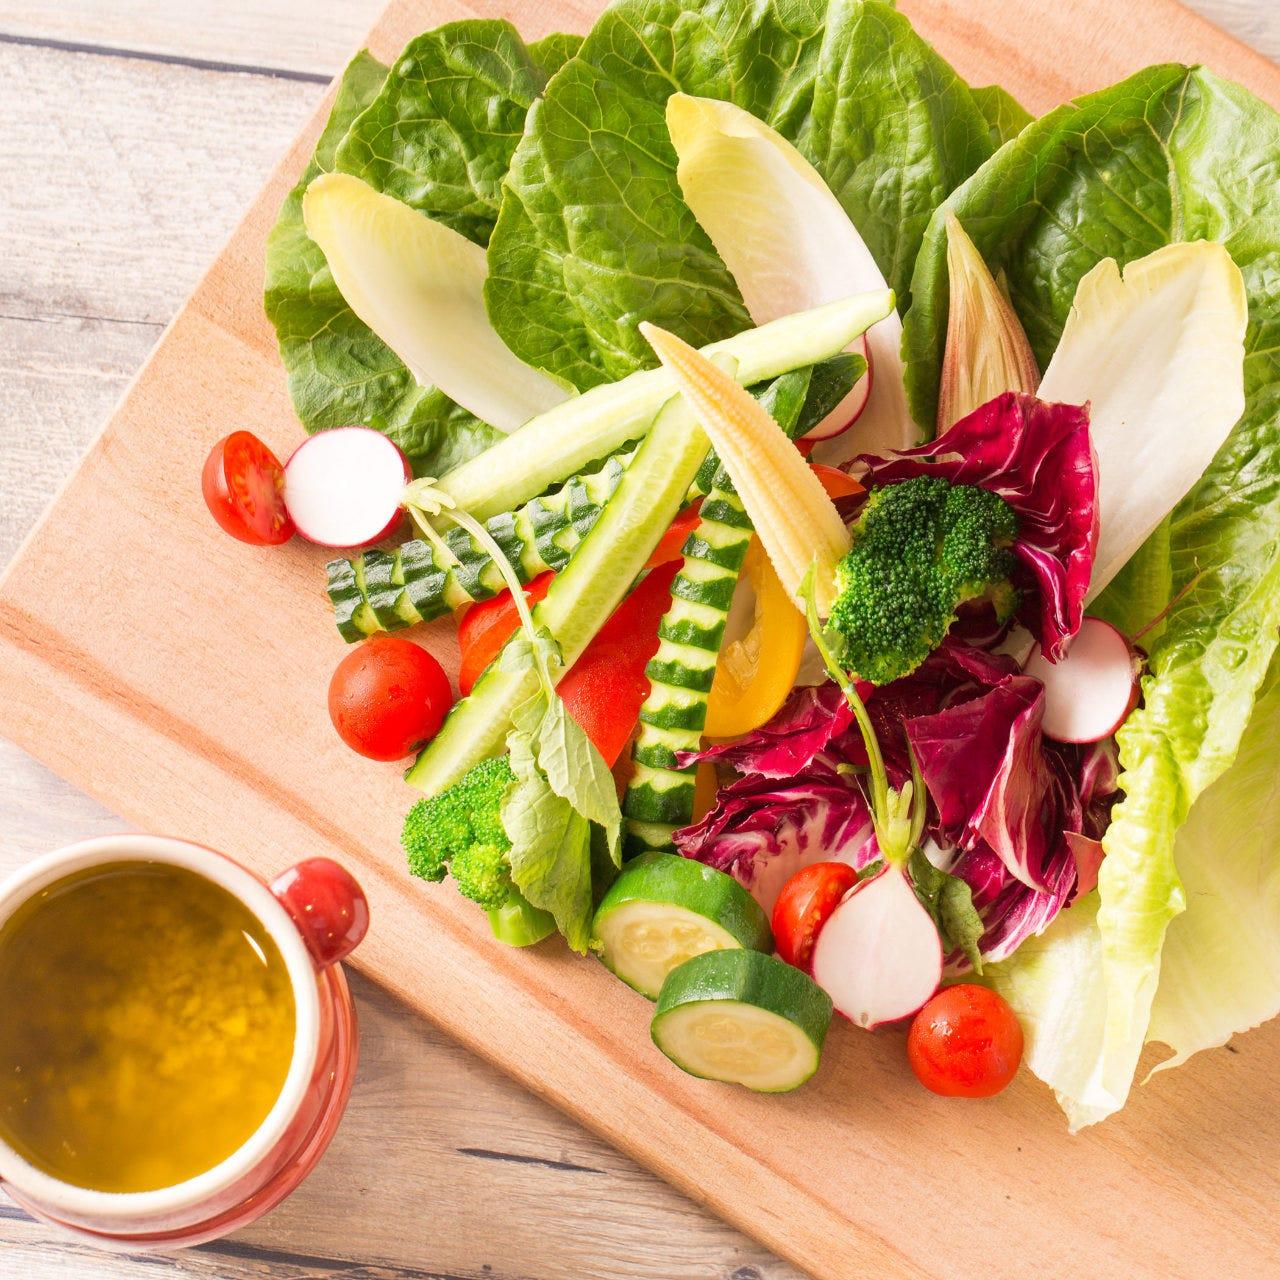 新鮮有機野菜のみずみずしい料理